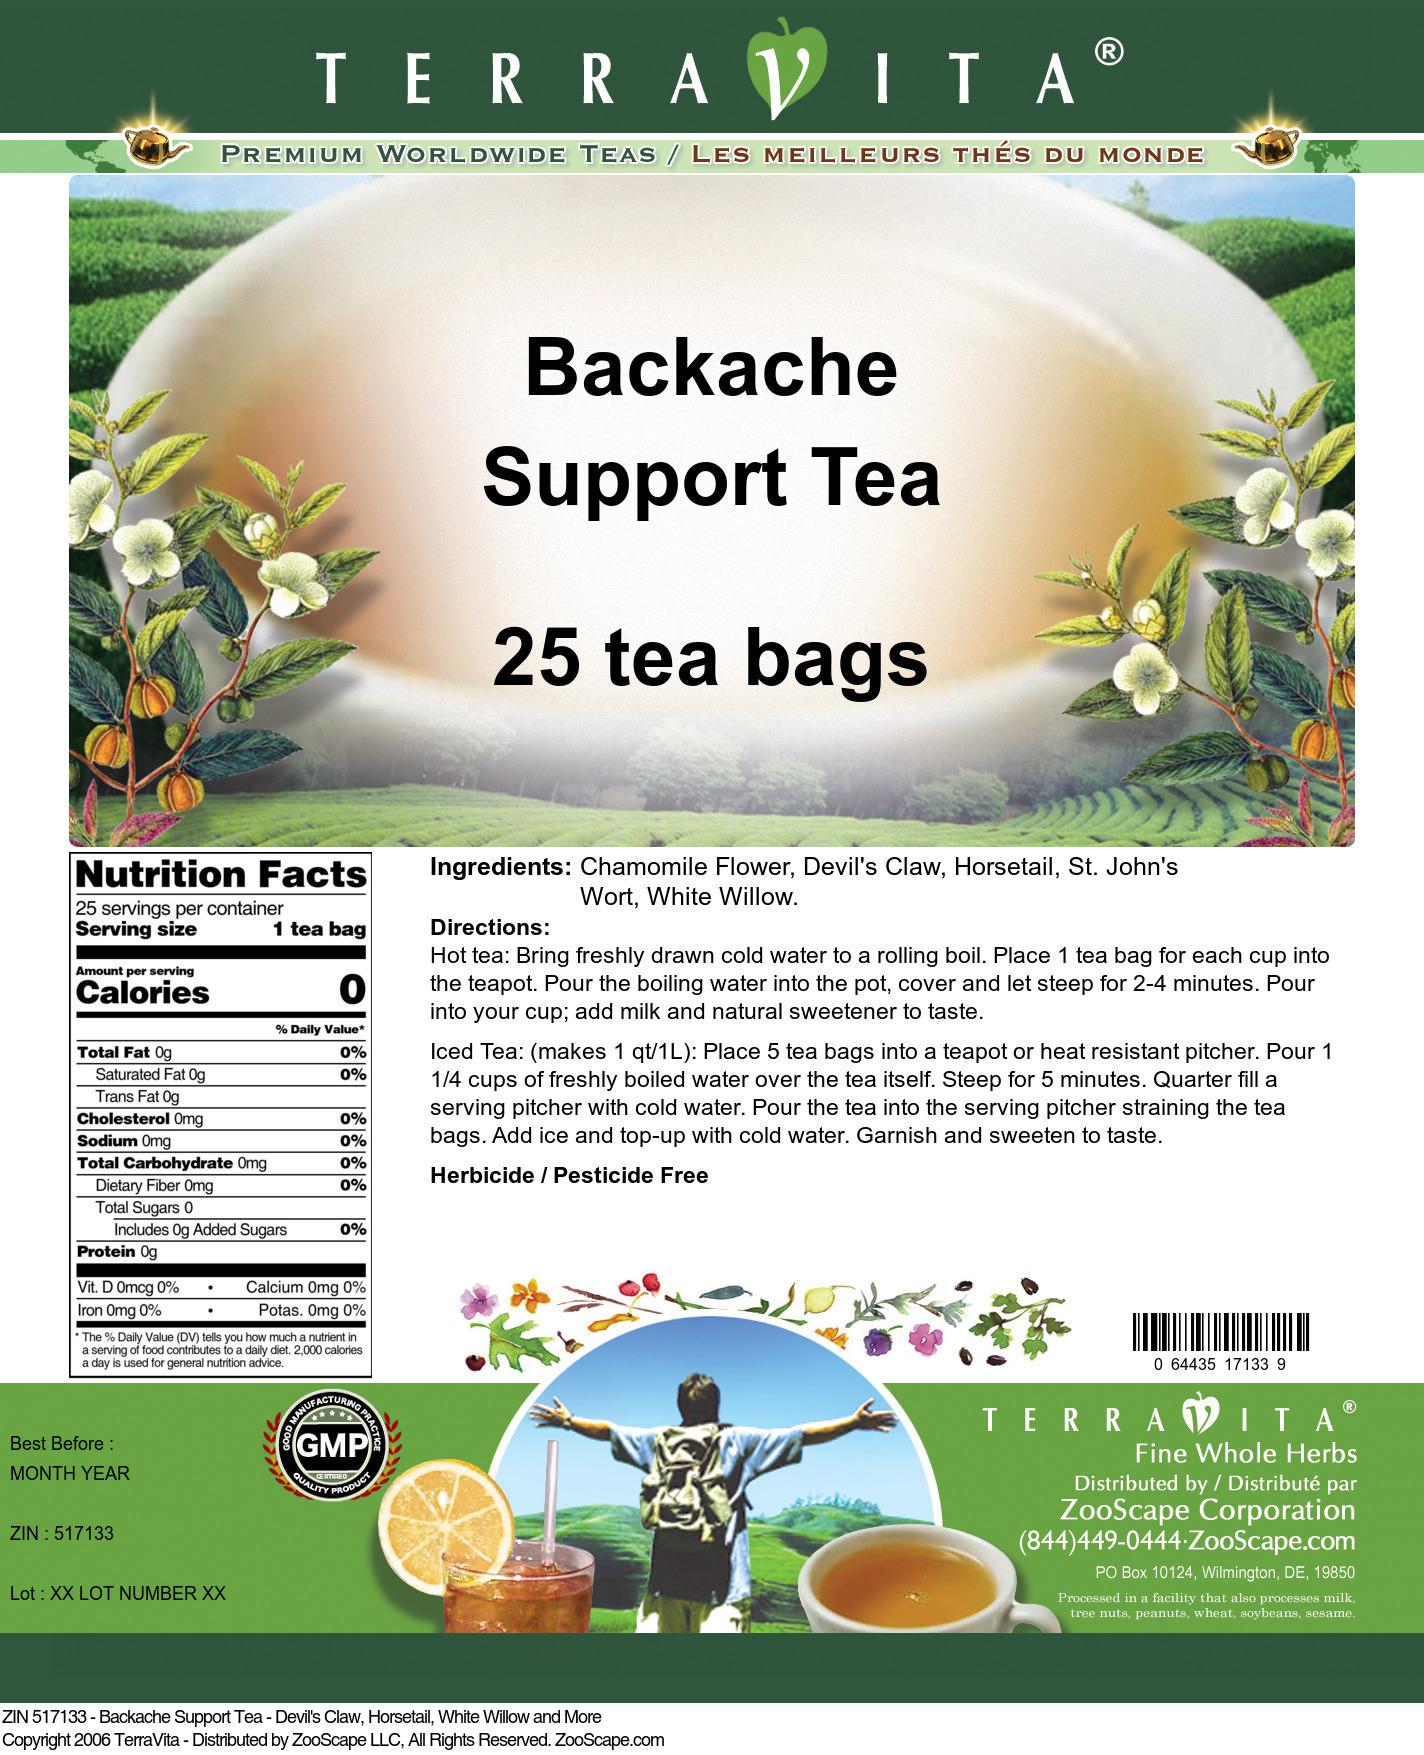 Backache Support